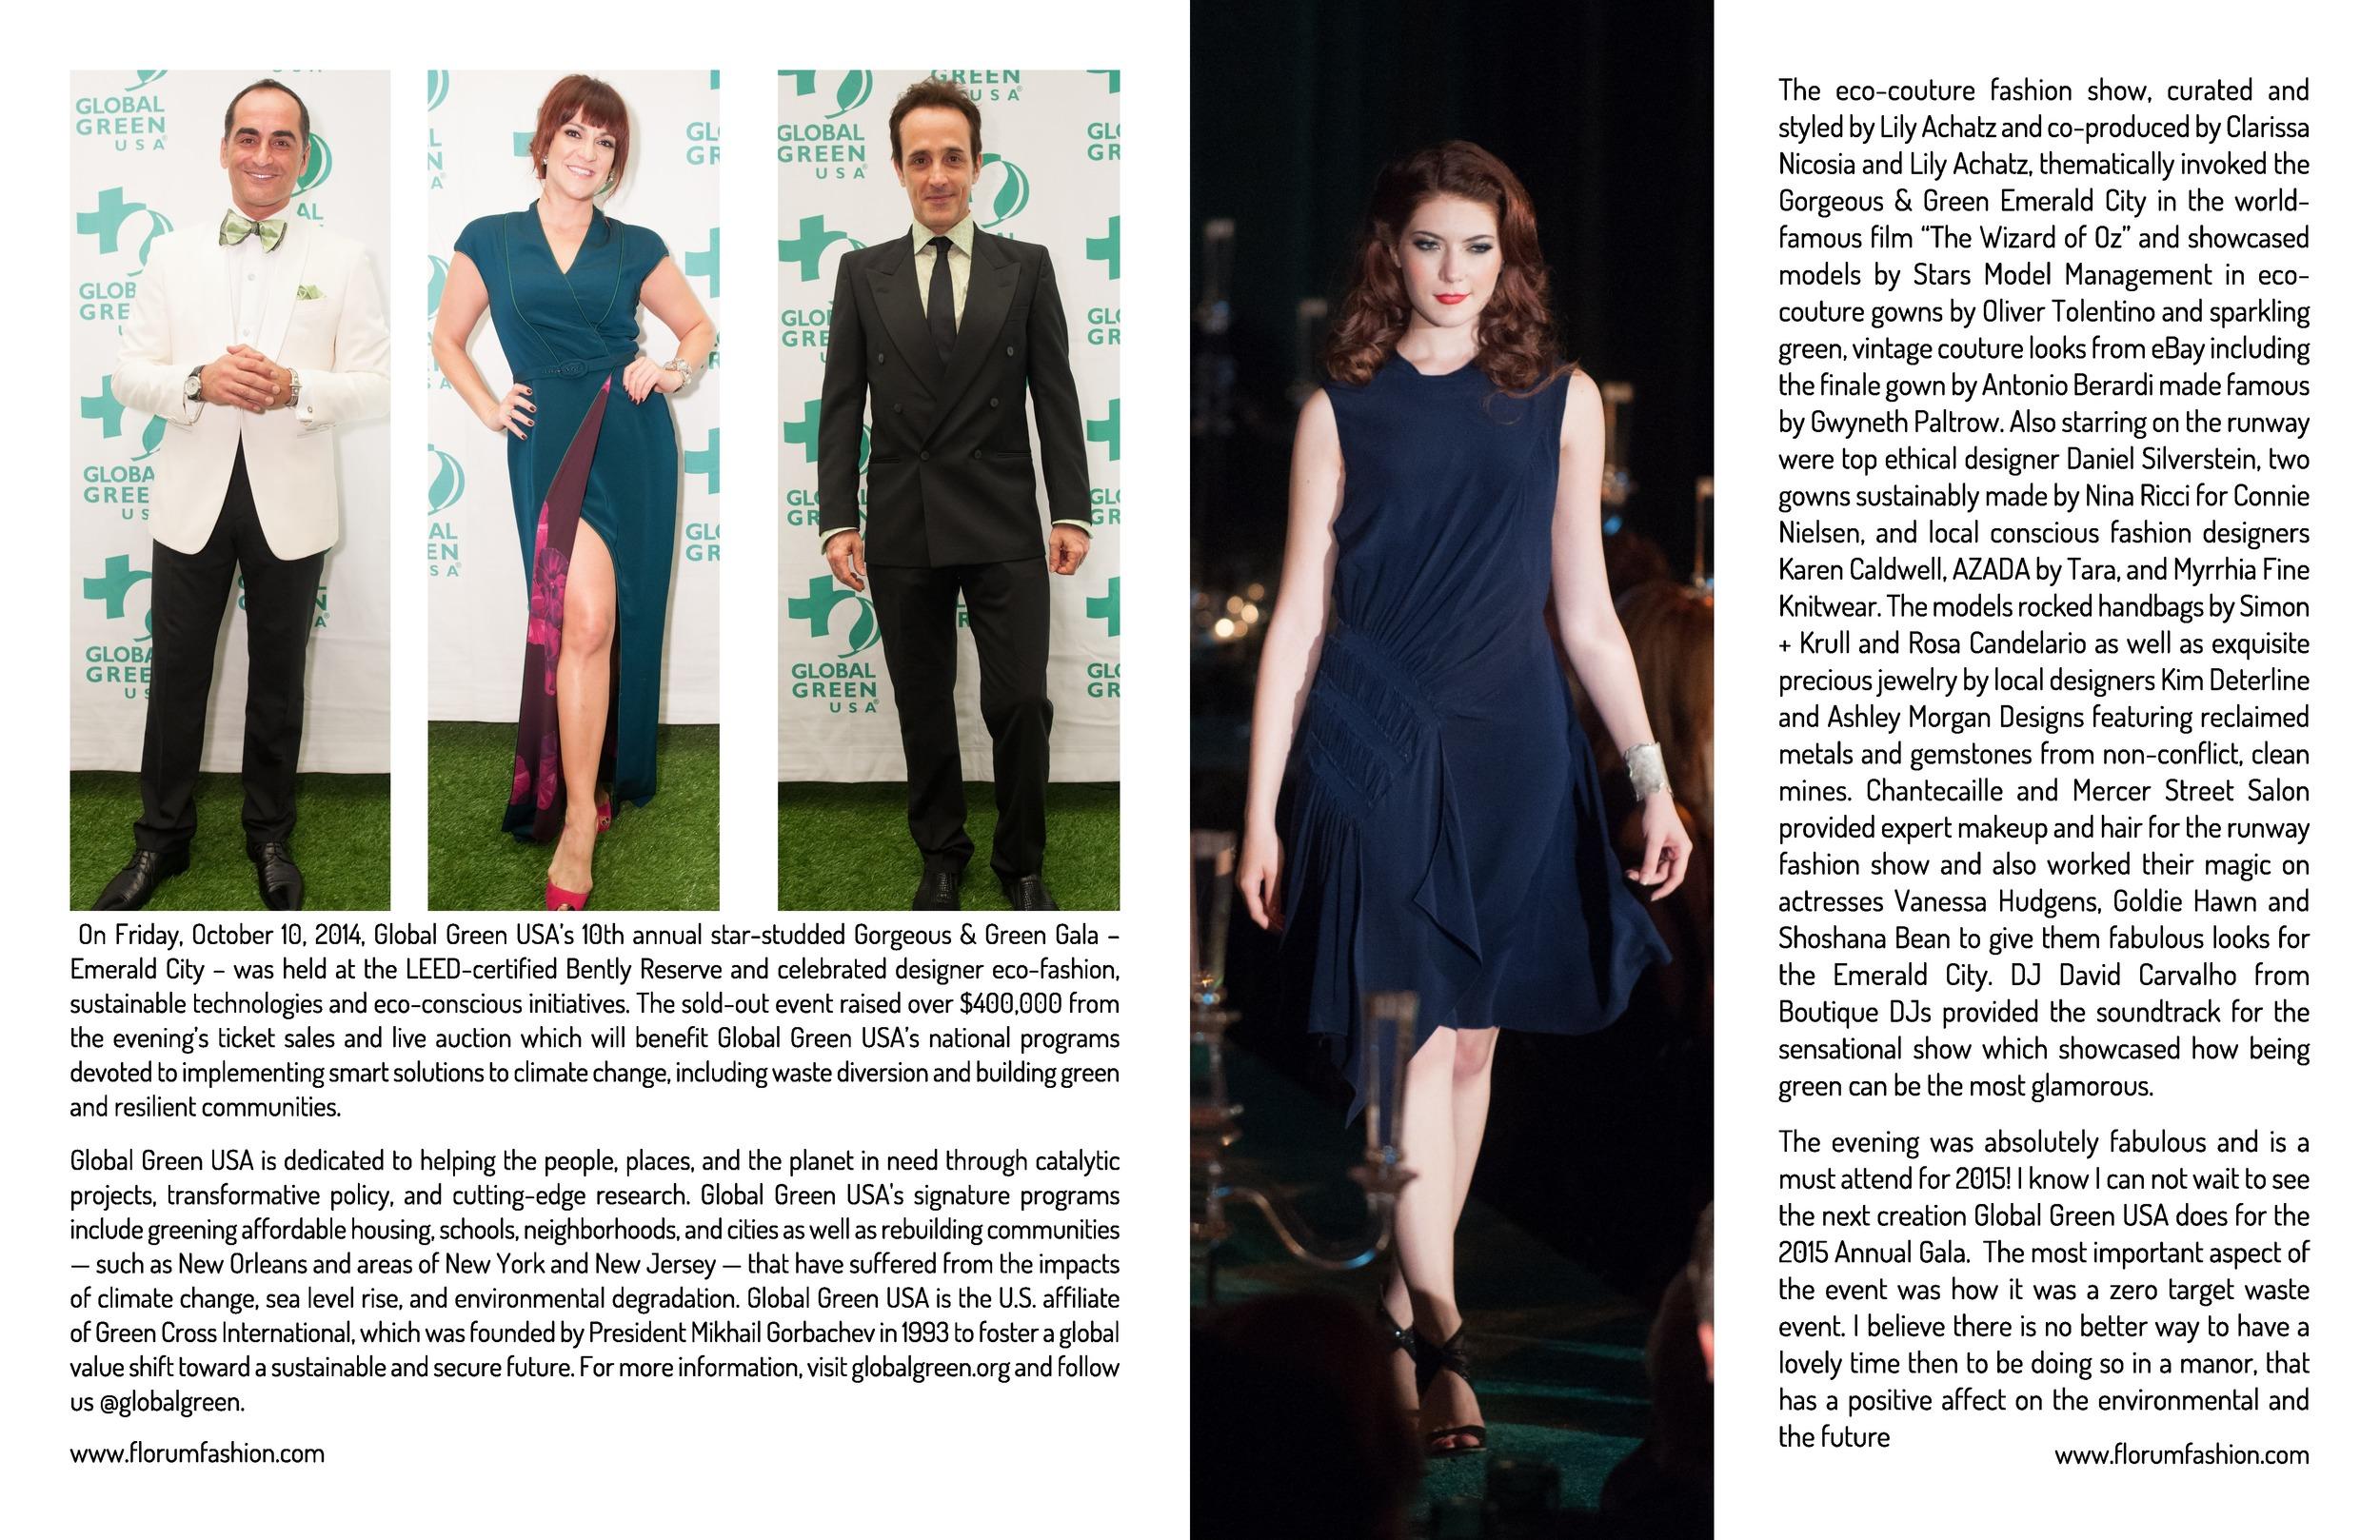 Florum Fashion magazine SF Socialite Emily matheny Stars Model management